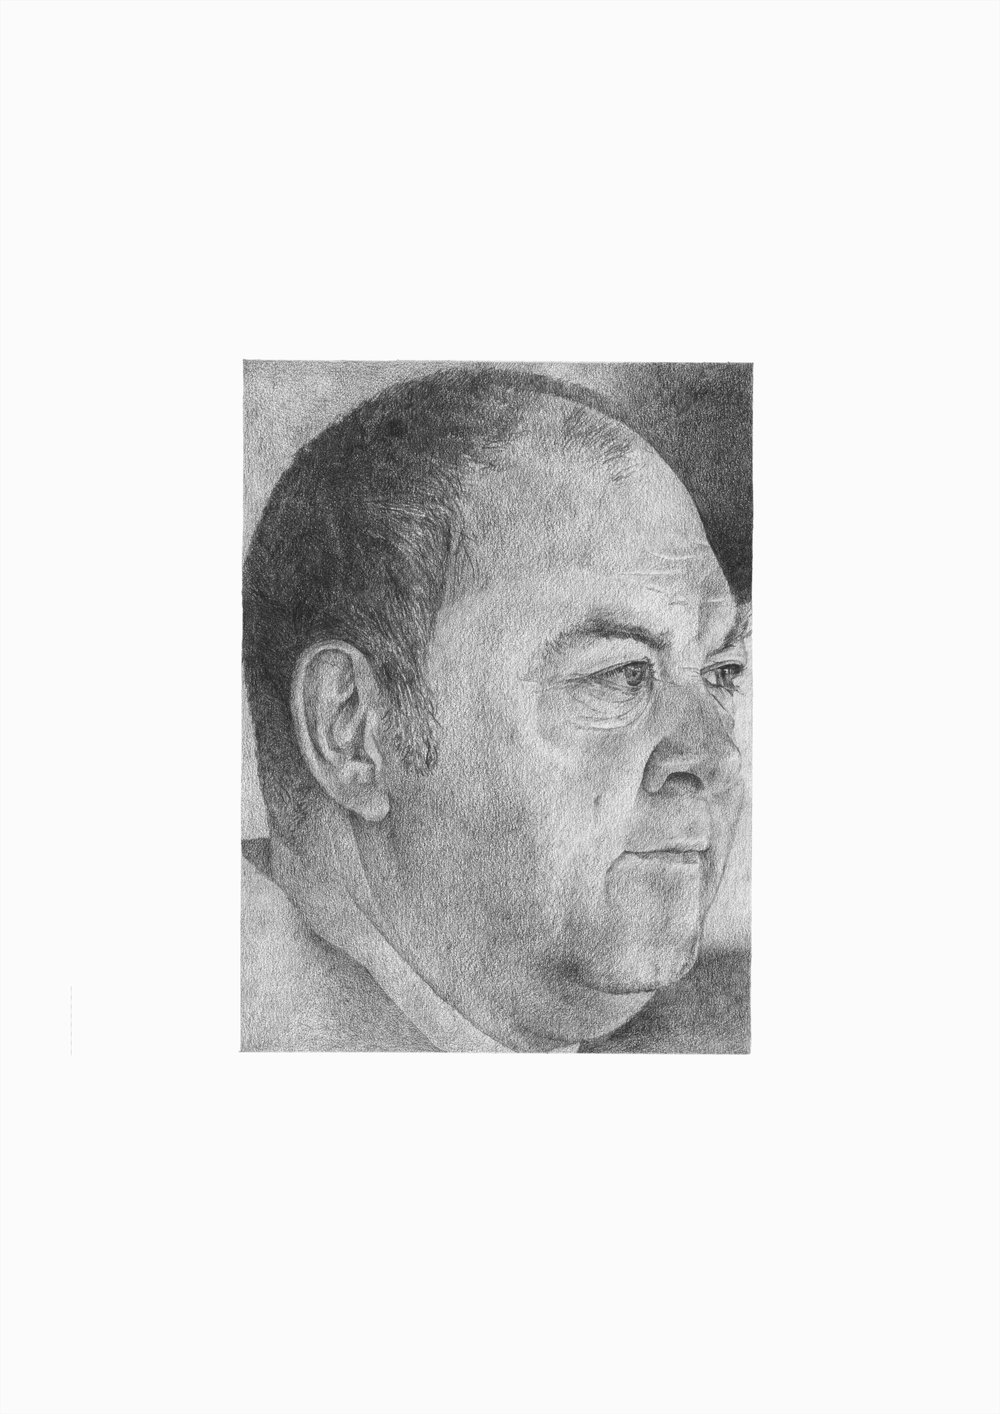 Mark Addy,  2016. Pencil on card. 21 x 29.7 cm.